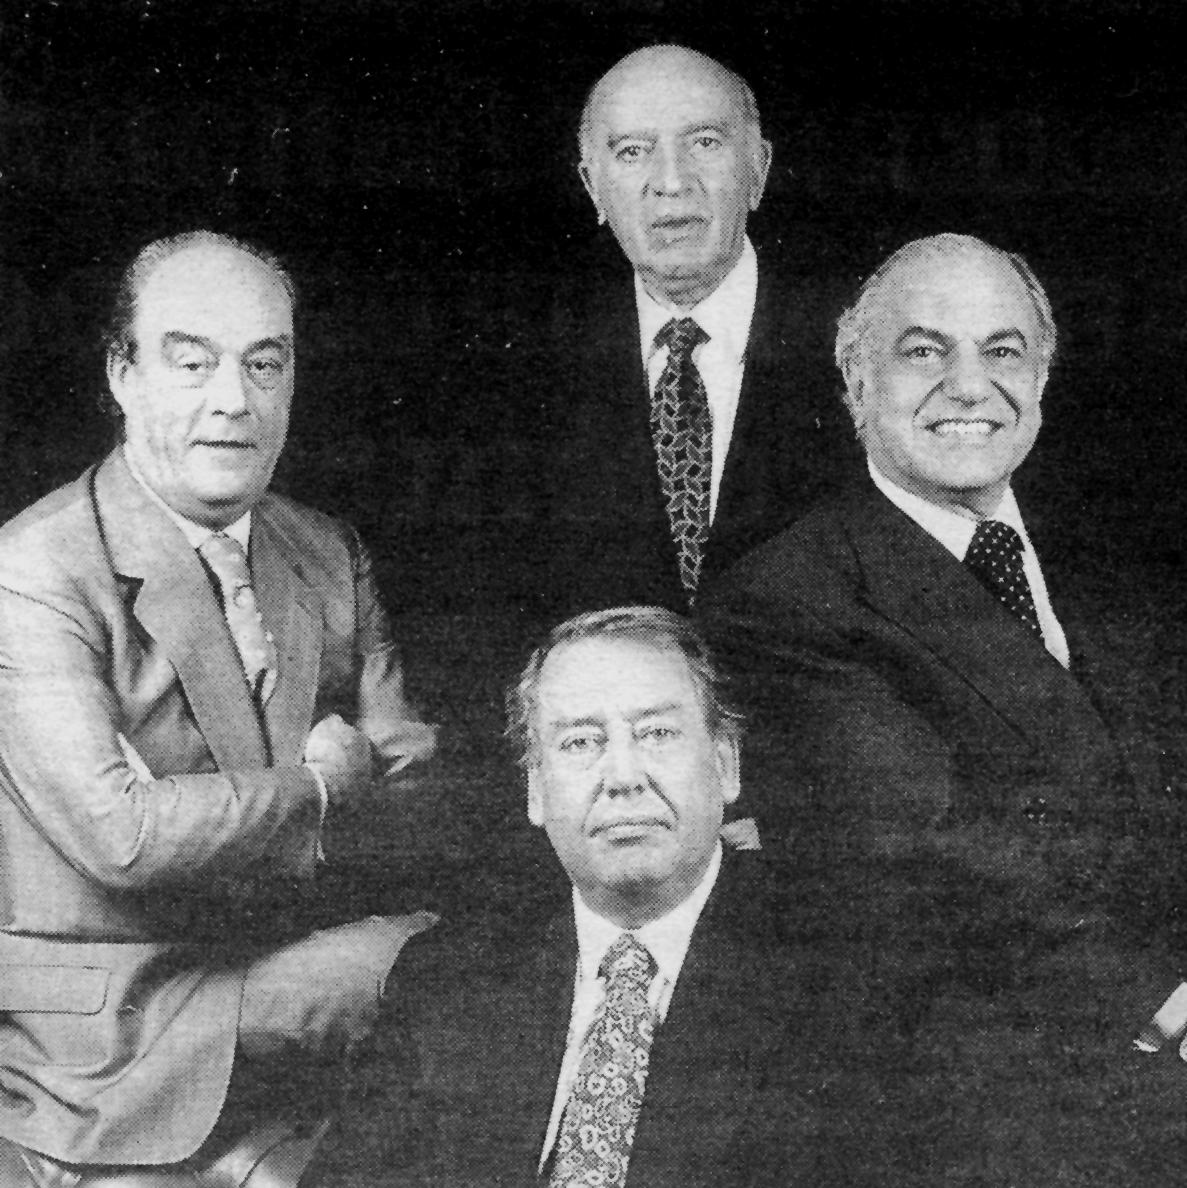 Los socios de Embotelladora Andina: Sentado; José Antonio Garcés. Arriba de izquierda a derecha; Alberto Hurtado, Jaime Said Demaría y José Said Saffie